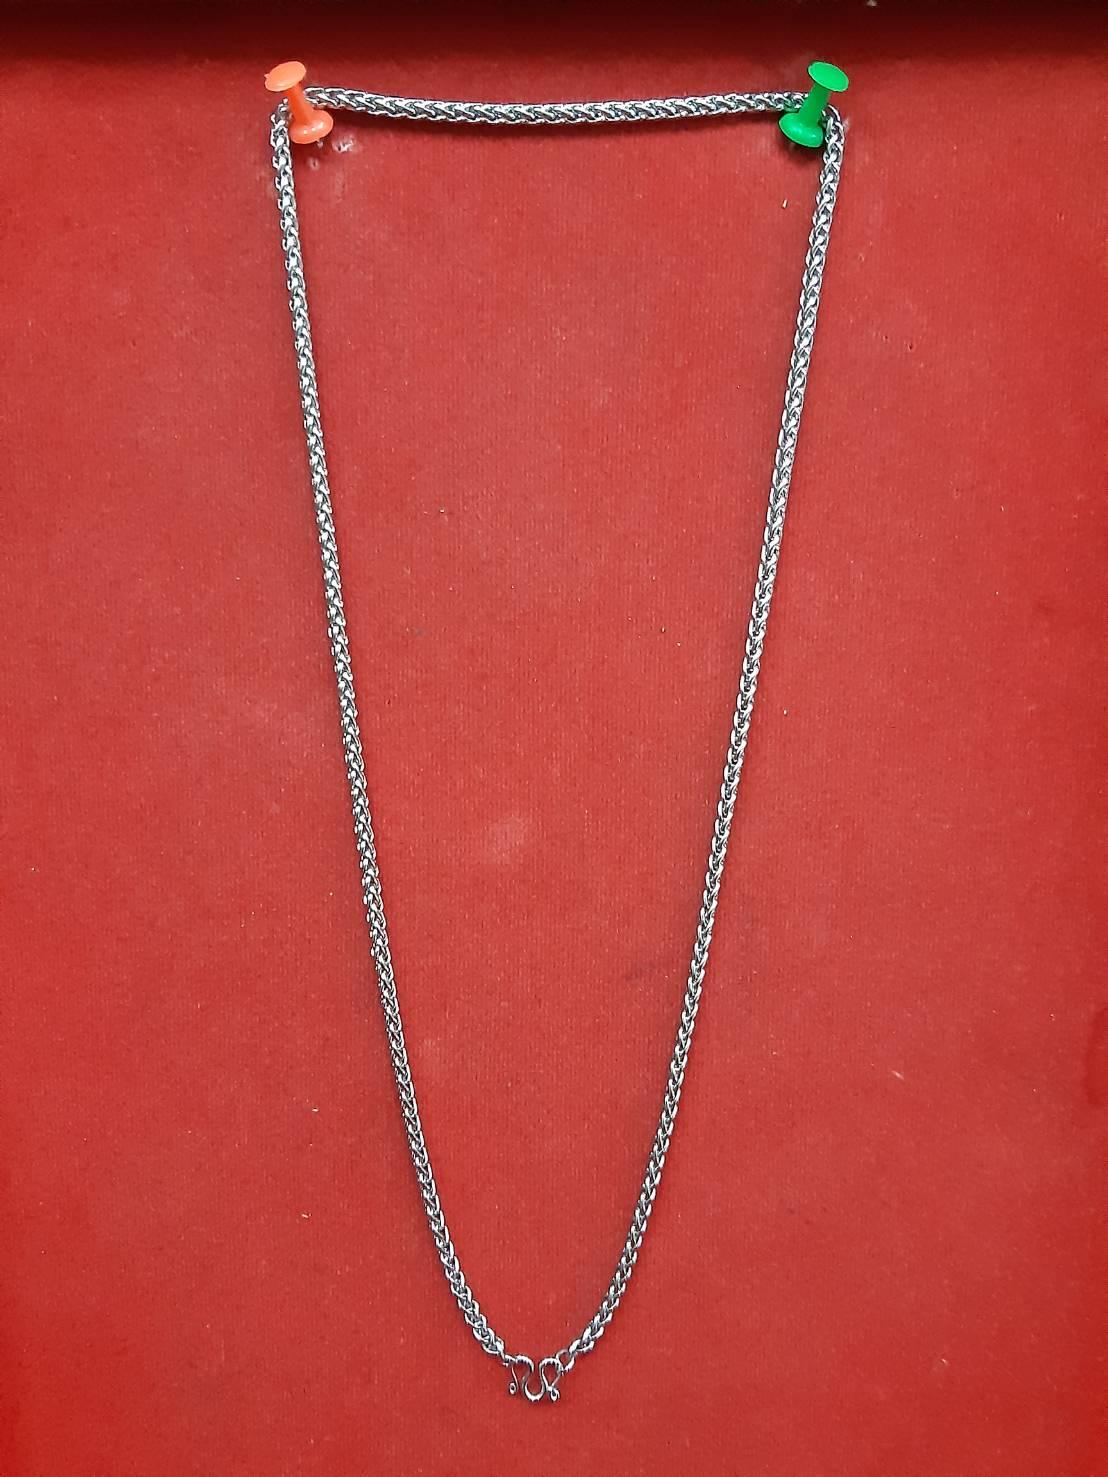 สร้อย ห้อยพระ 1 องค์ ความยาวรอบ 23 นิ้ว stanless neckless อุปกรณ์